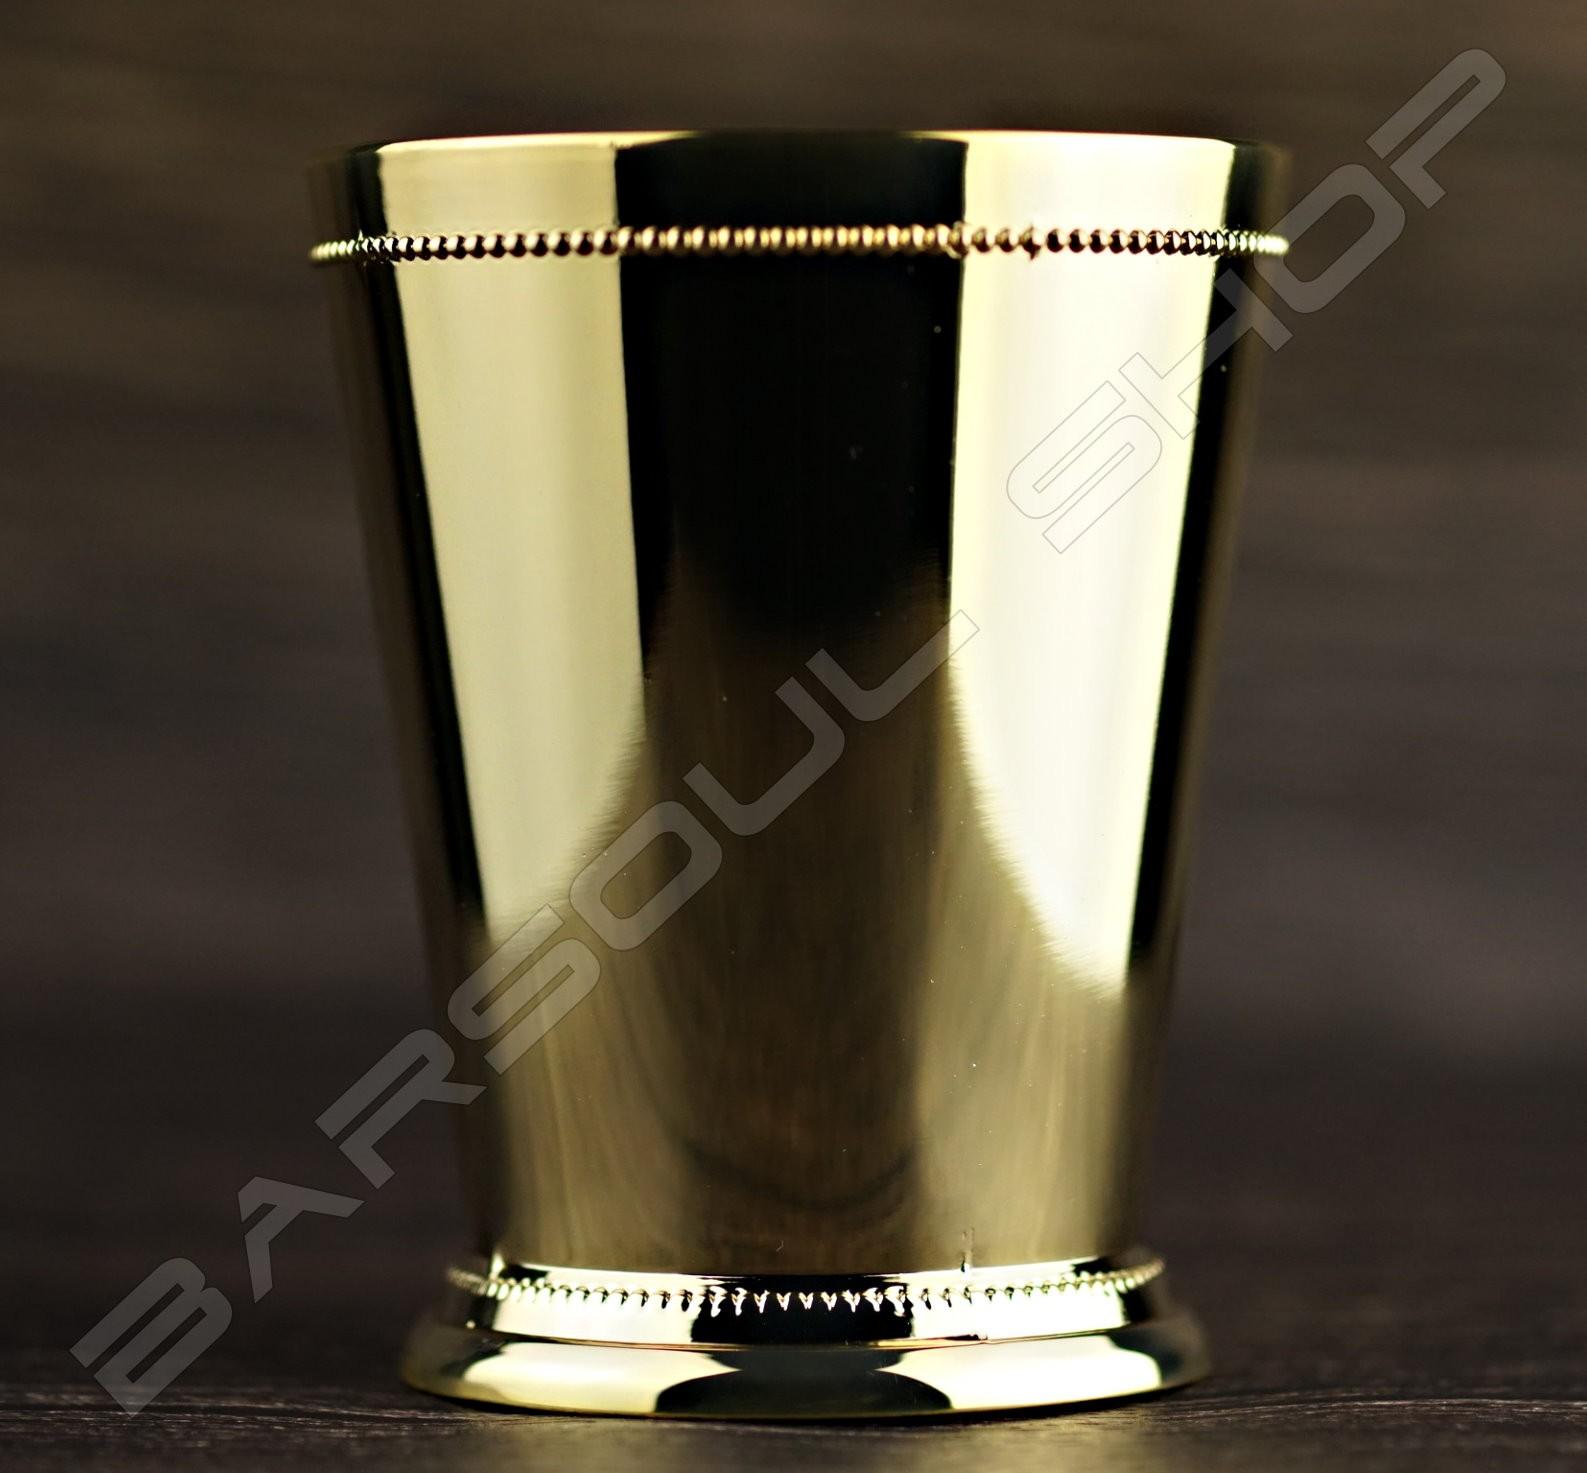 華麗朱莉普杯(金色) luxury Julep cup(gold)